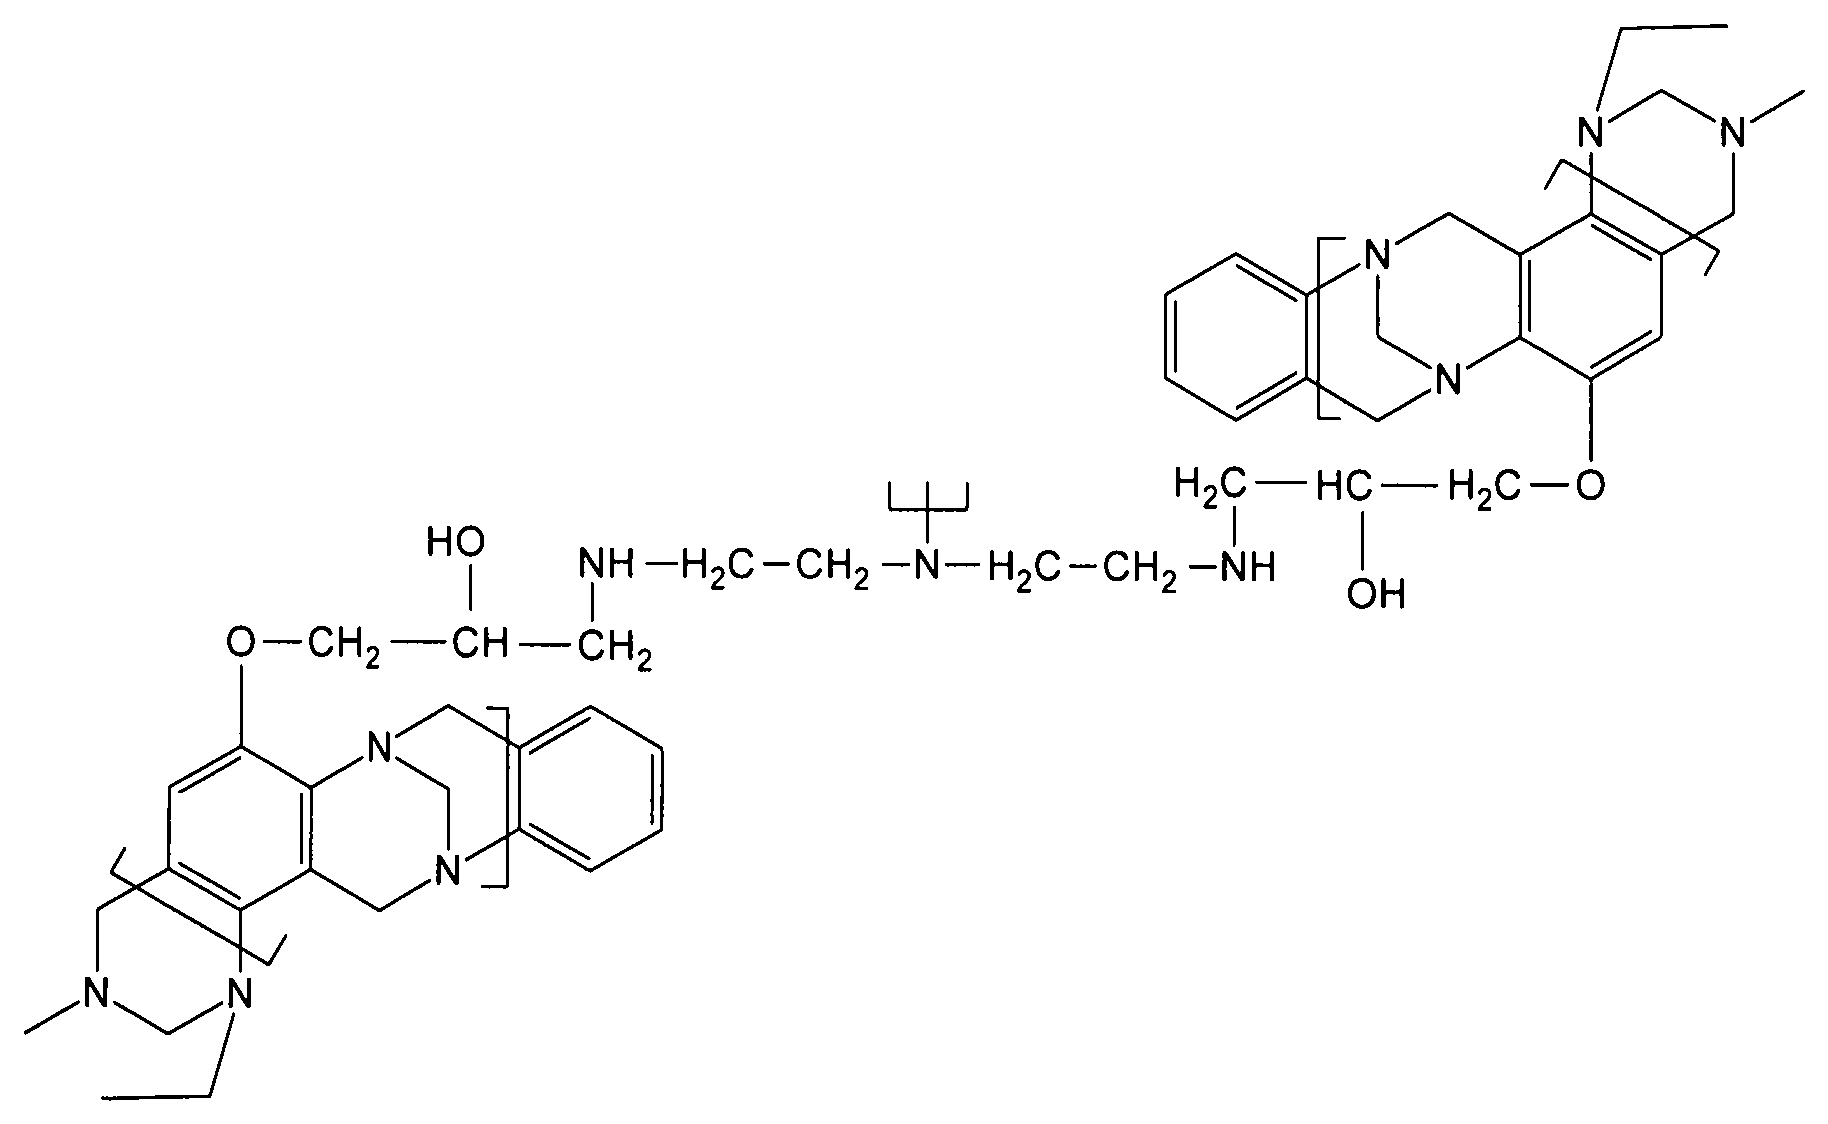 Figure DE112016005378T5_0054